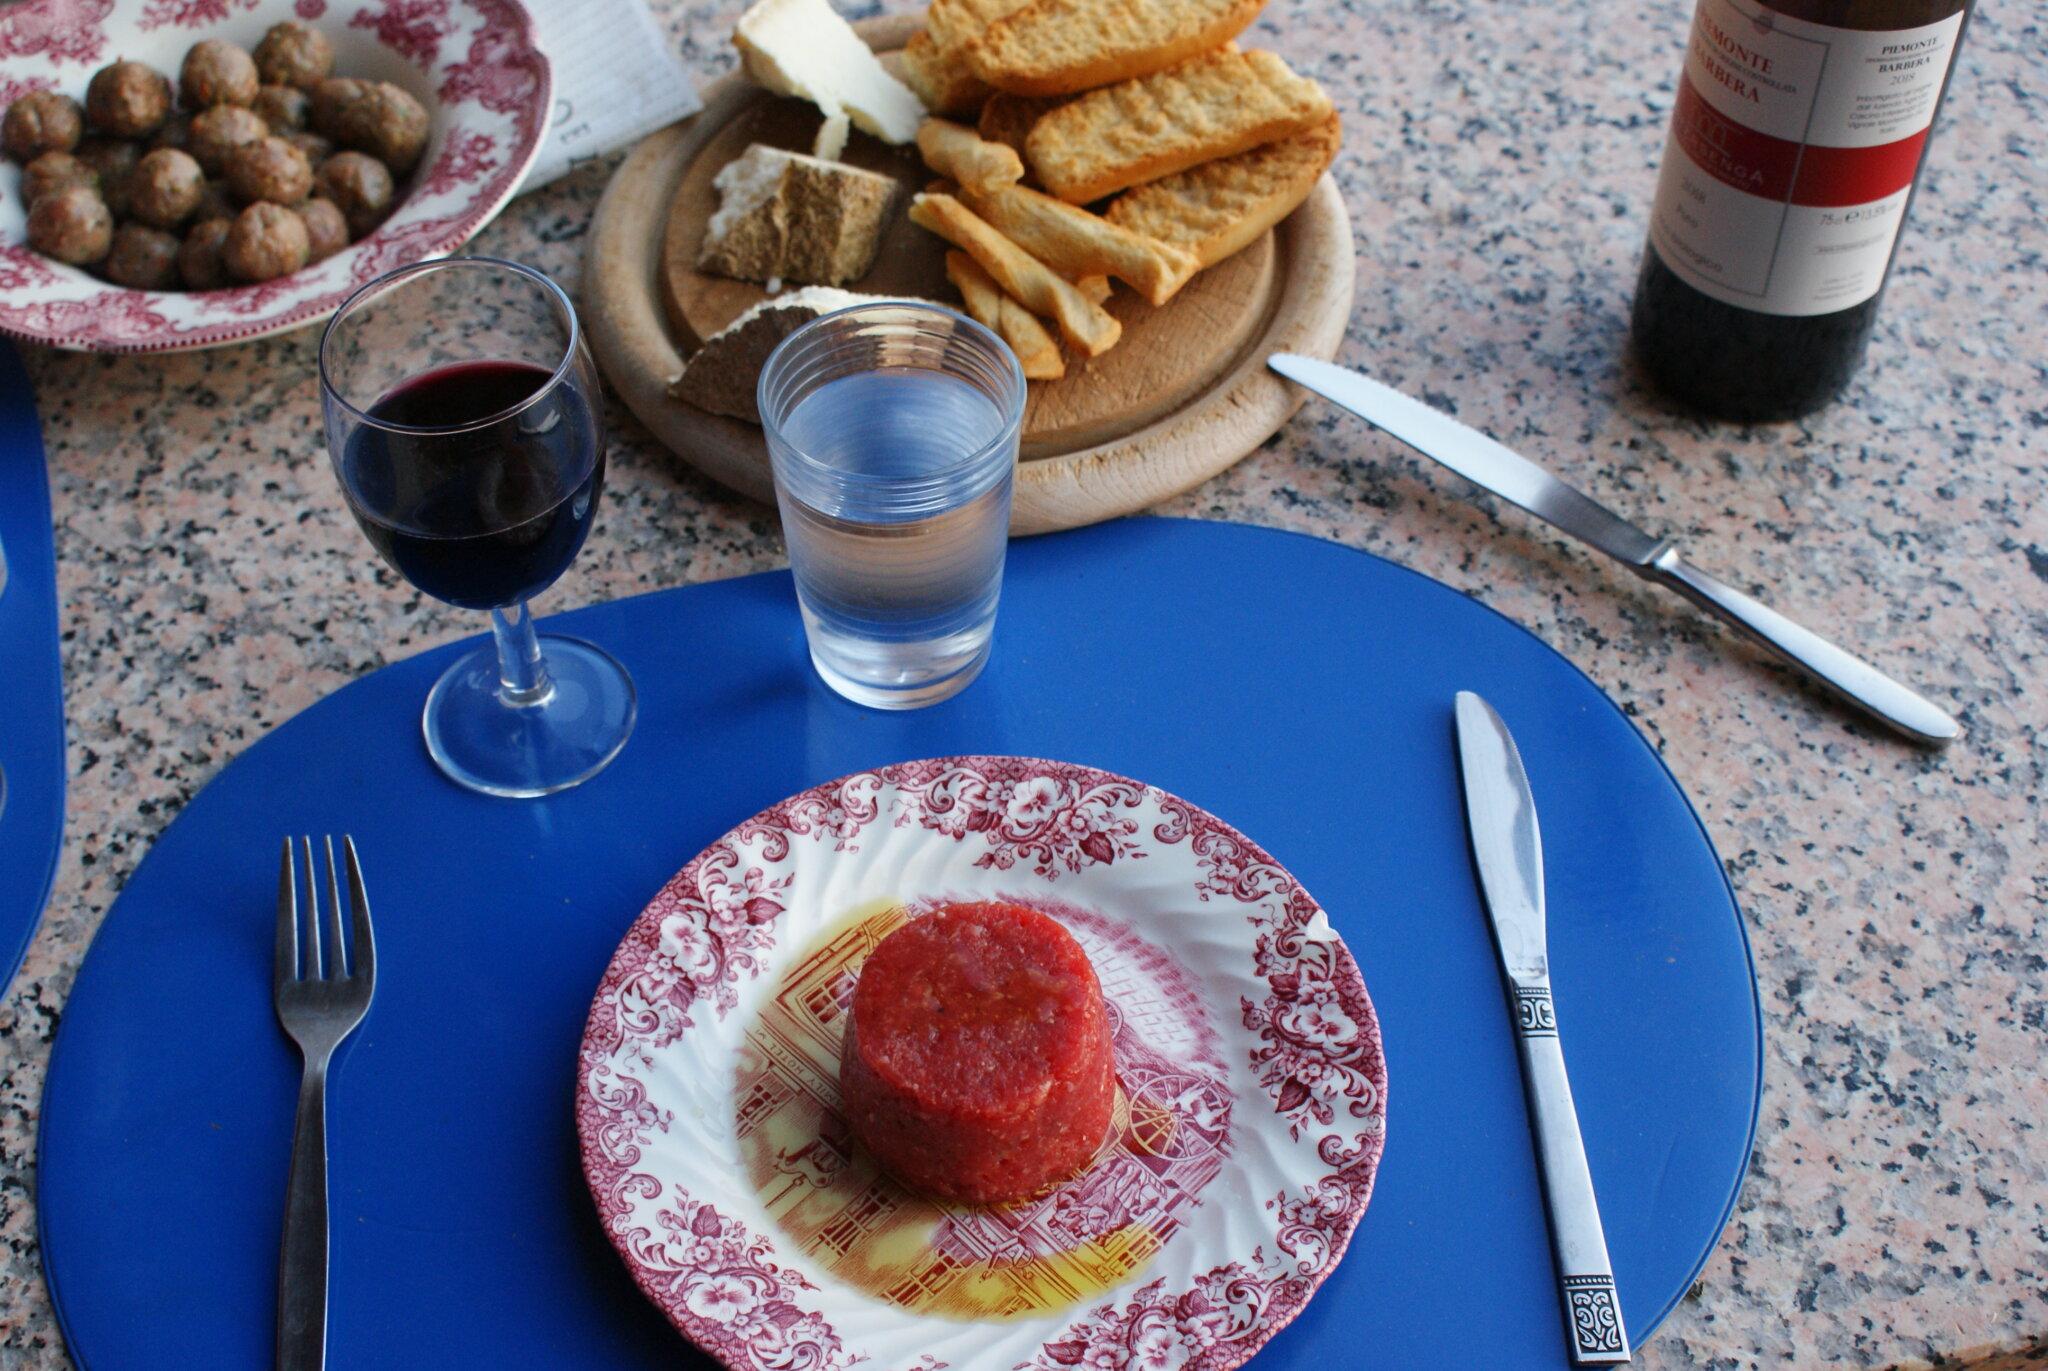 monferrato travel guide piemonte italy piedmont tips eat see do guida viaggio vedere mangiare fare turismo tourism trip francinesplaceblog tartare macelleria vittorio